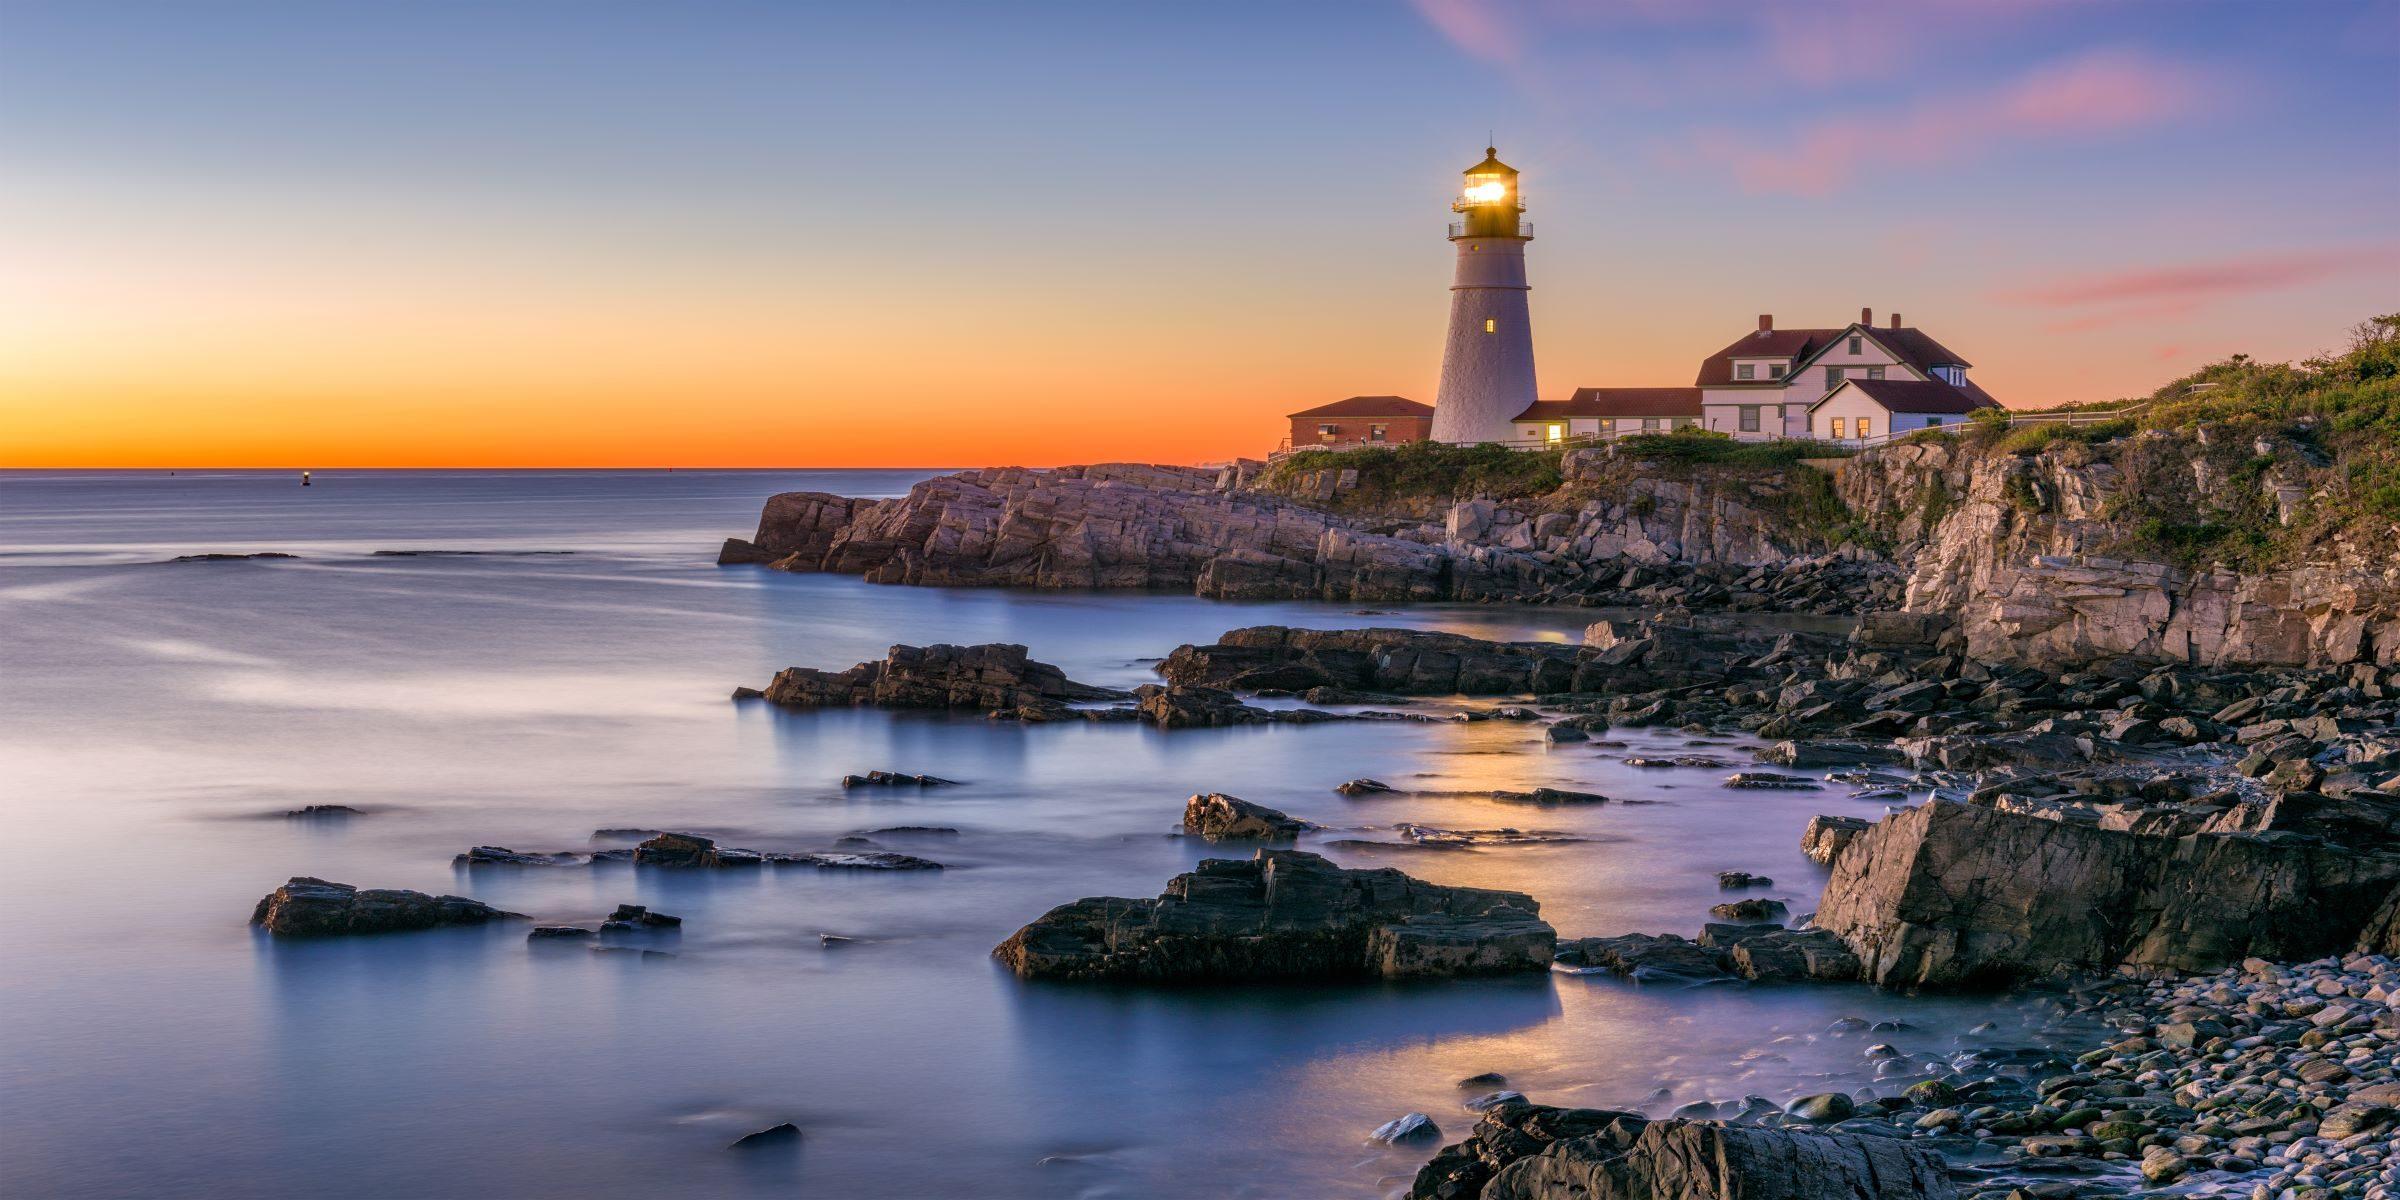 portland leuchtturm auf einer gruppenreise fuer singles